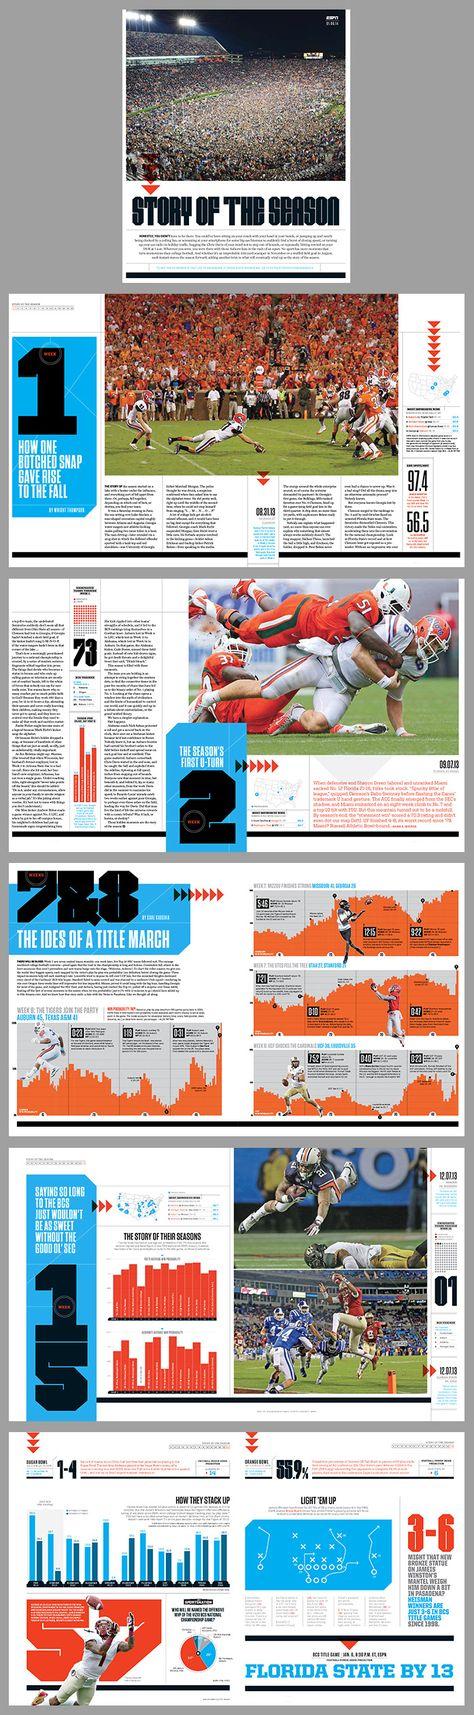 Story of the Season January 2014 - ESPN the Magazine